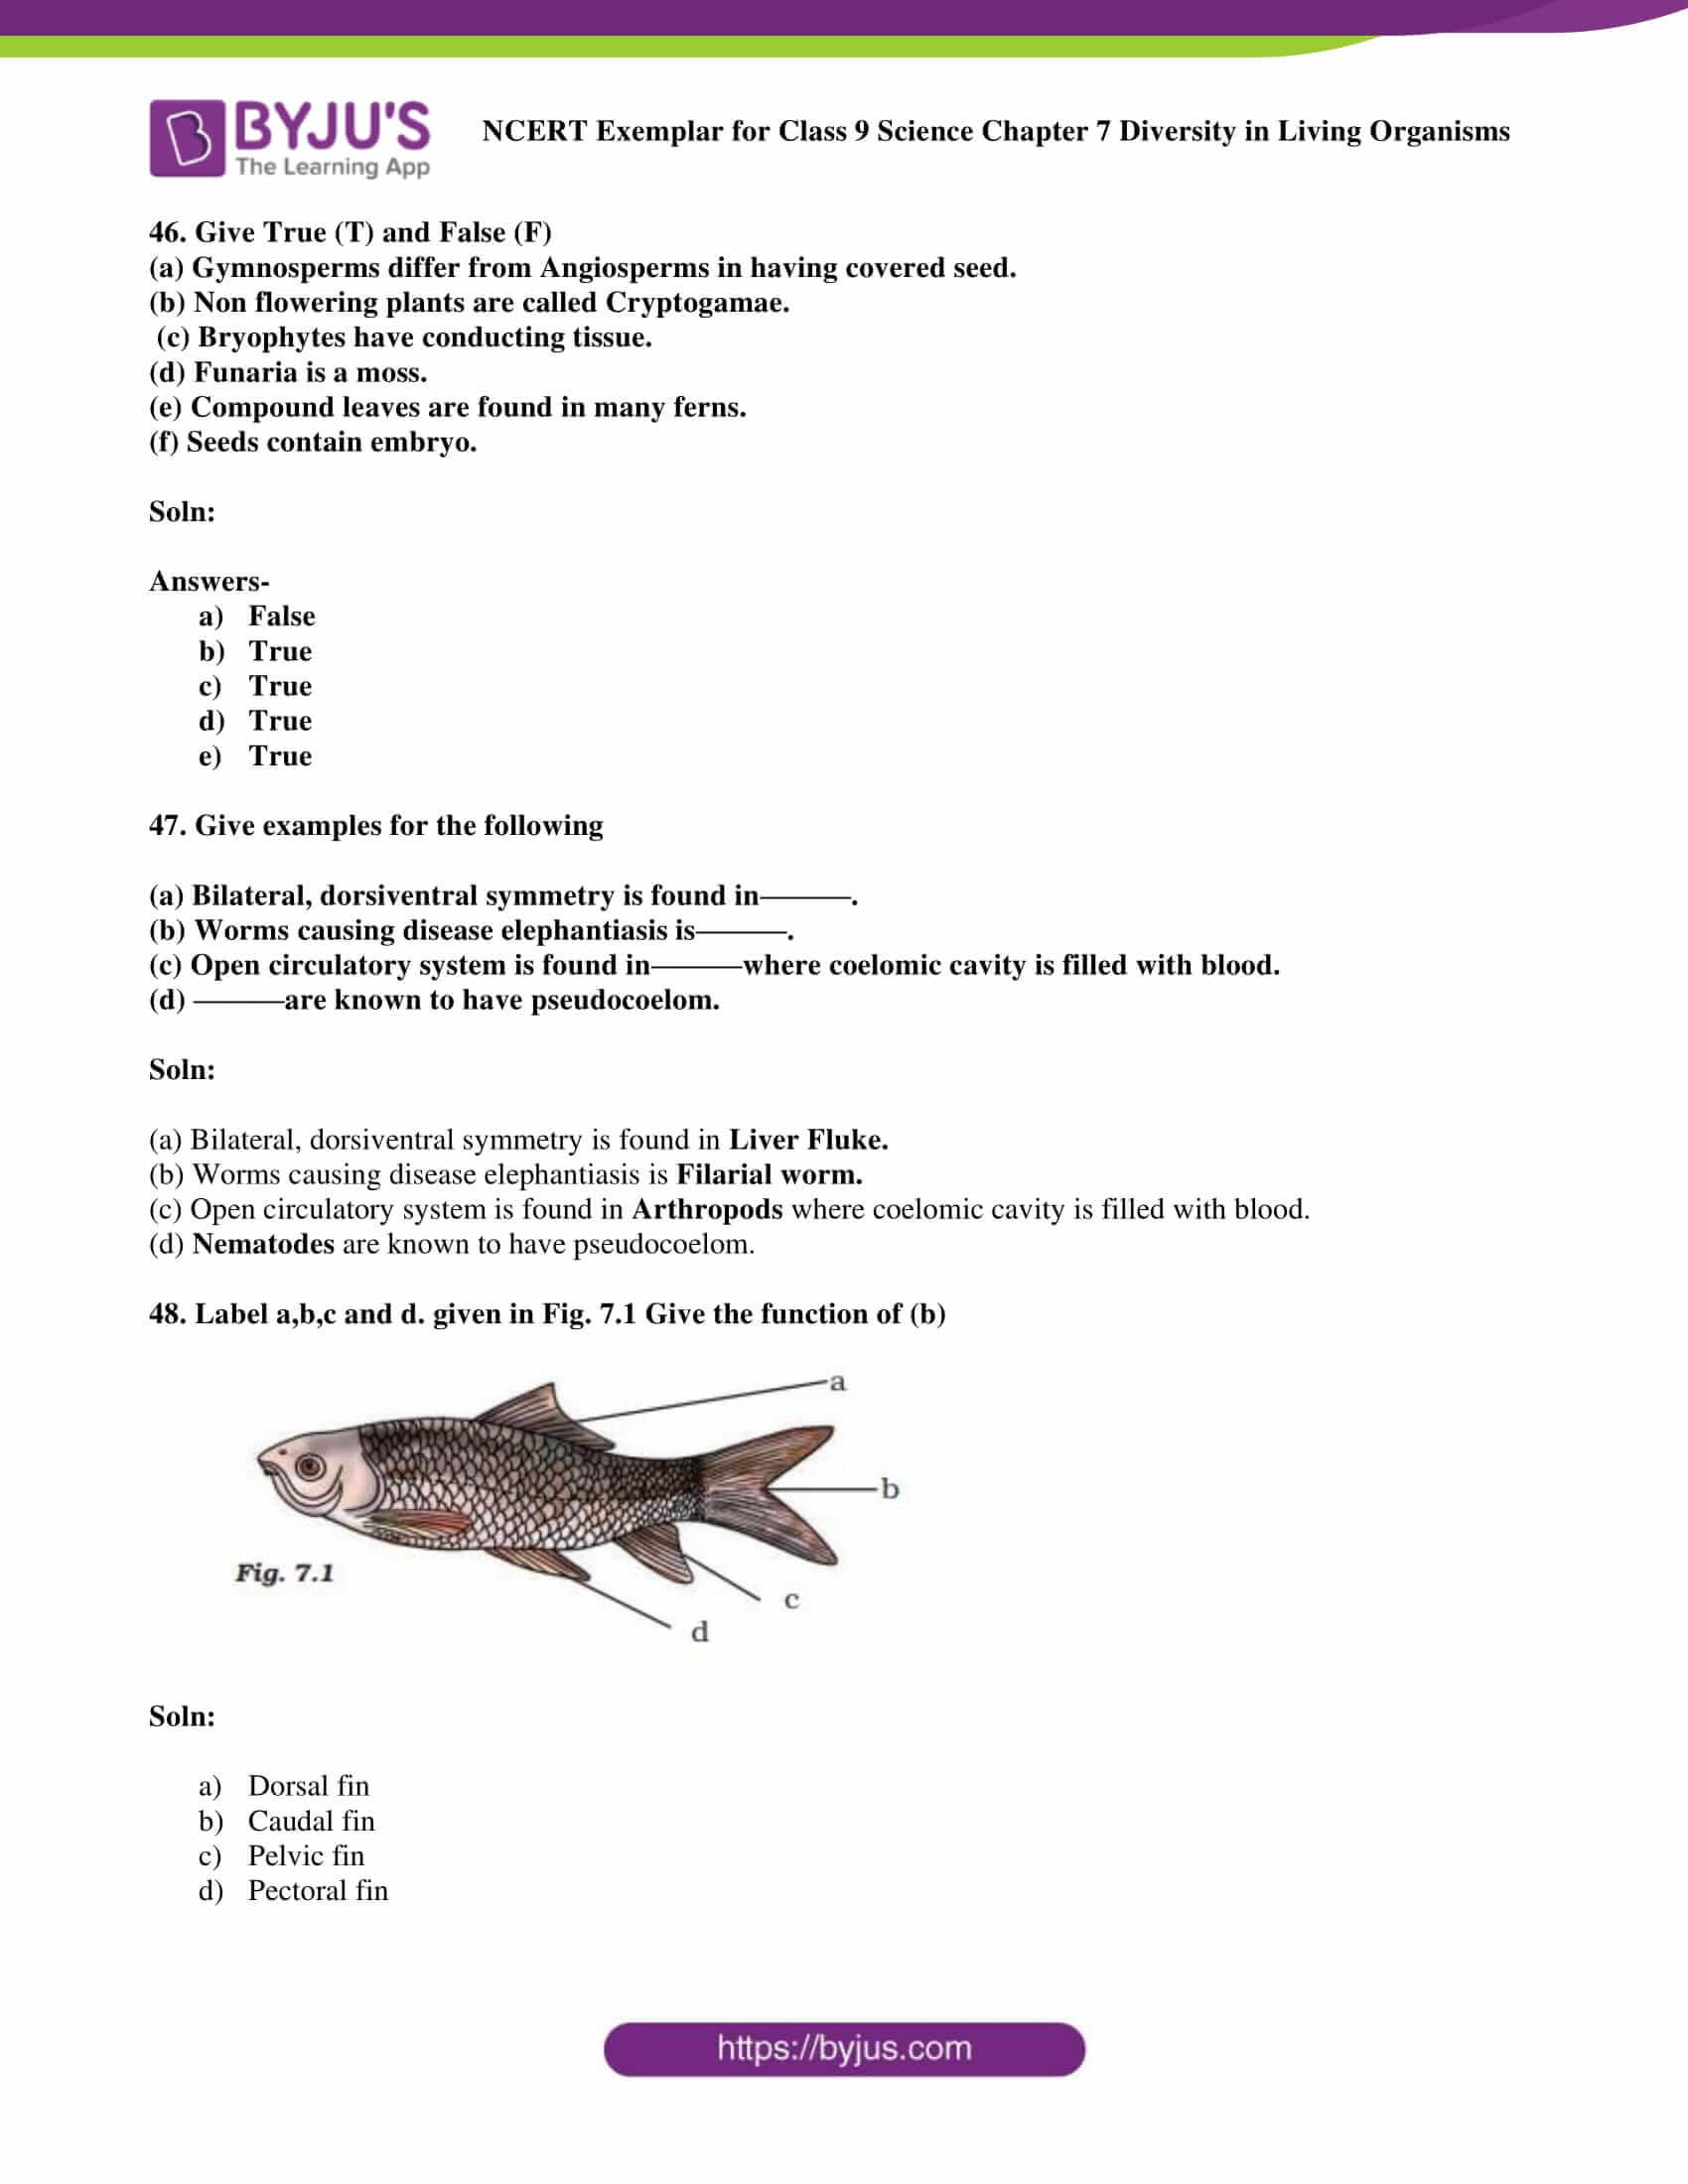 NCERT Exemplar solution class 9 science Chapter 7 part 17